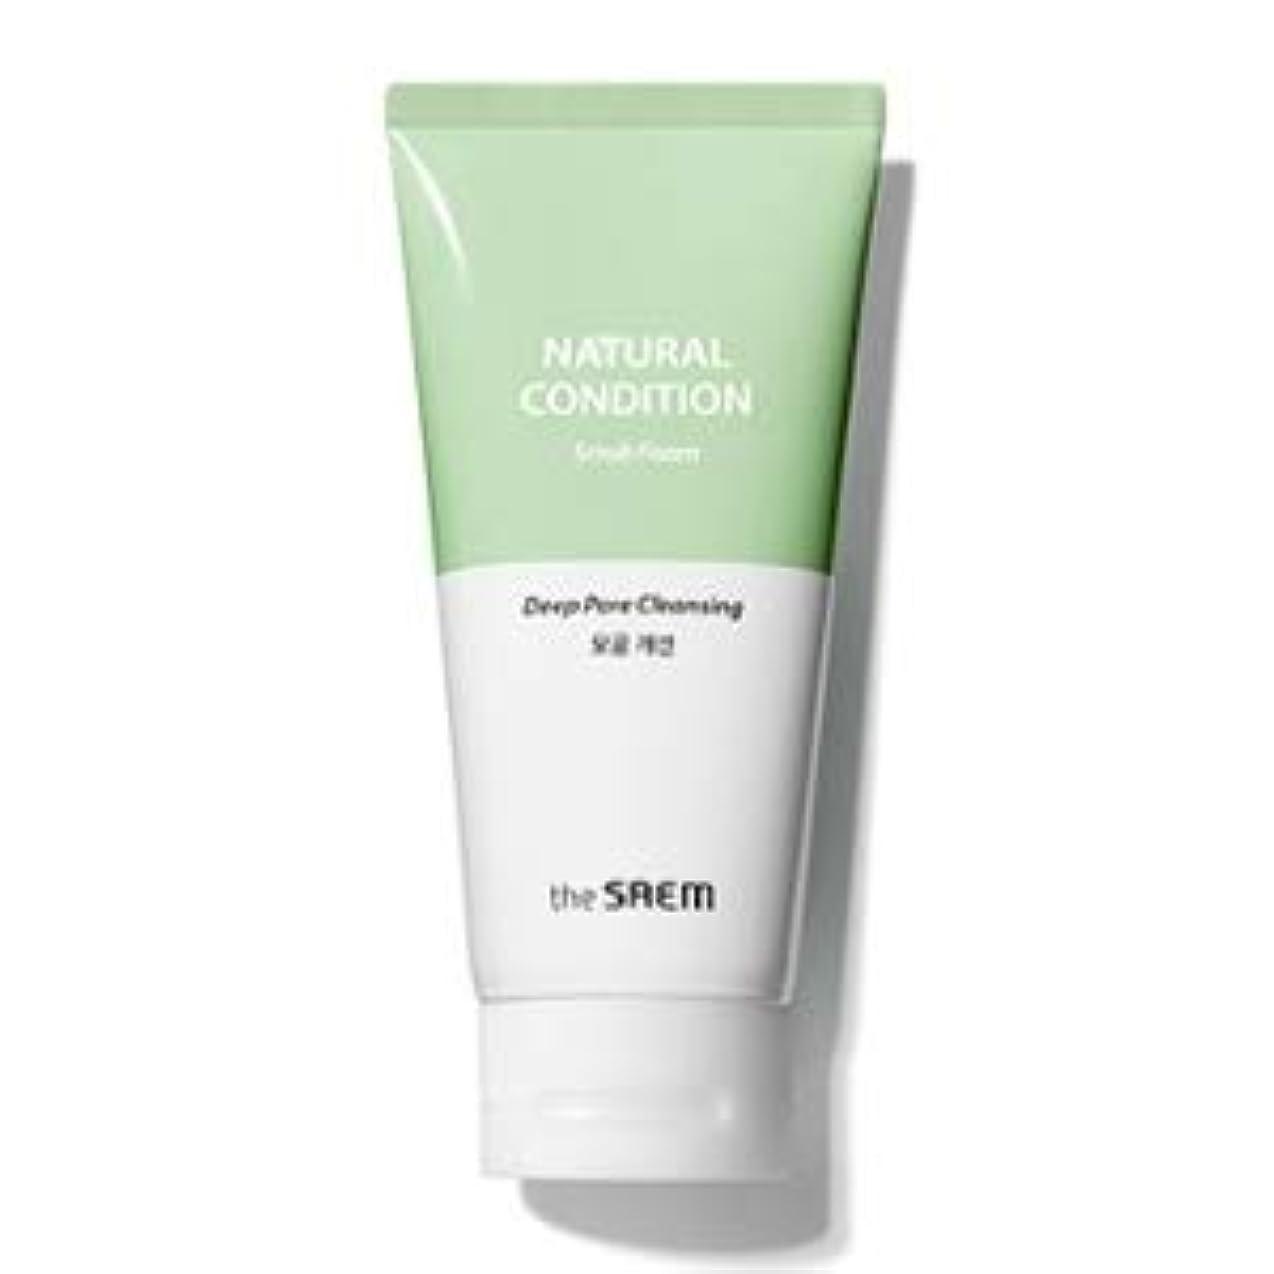 邪悪な熟した発見The Saem Natural Condition Scrub Foam [Deep pore cleansing] (R)/ ザセム ナチュラルコンディションスクラブフォーム[毛穴改善] (R) [並行輸入品]